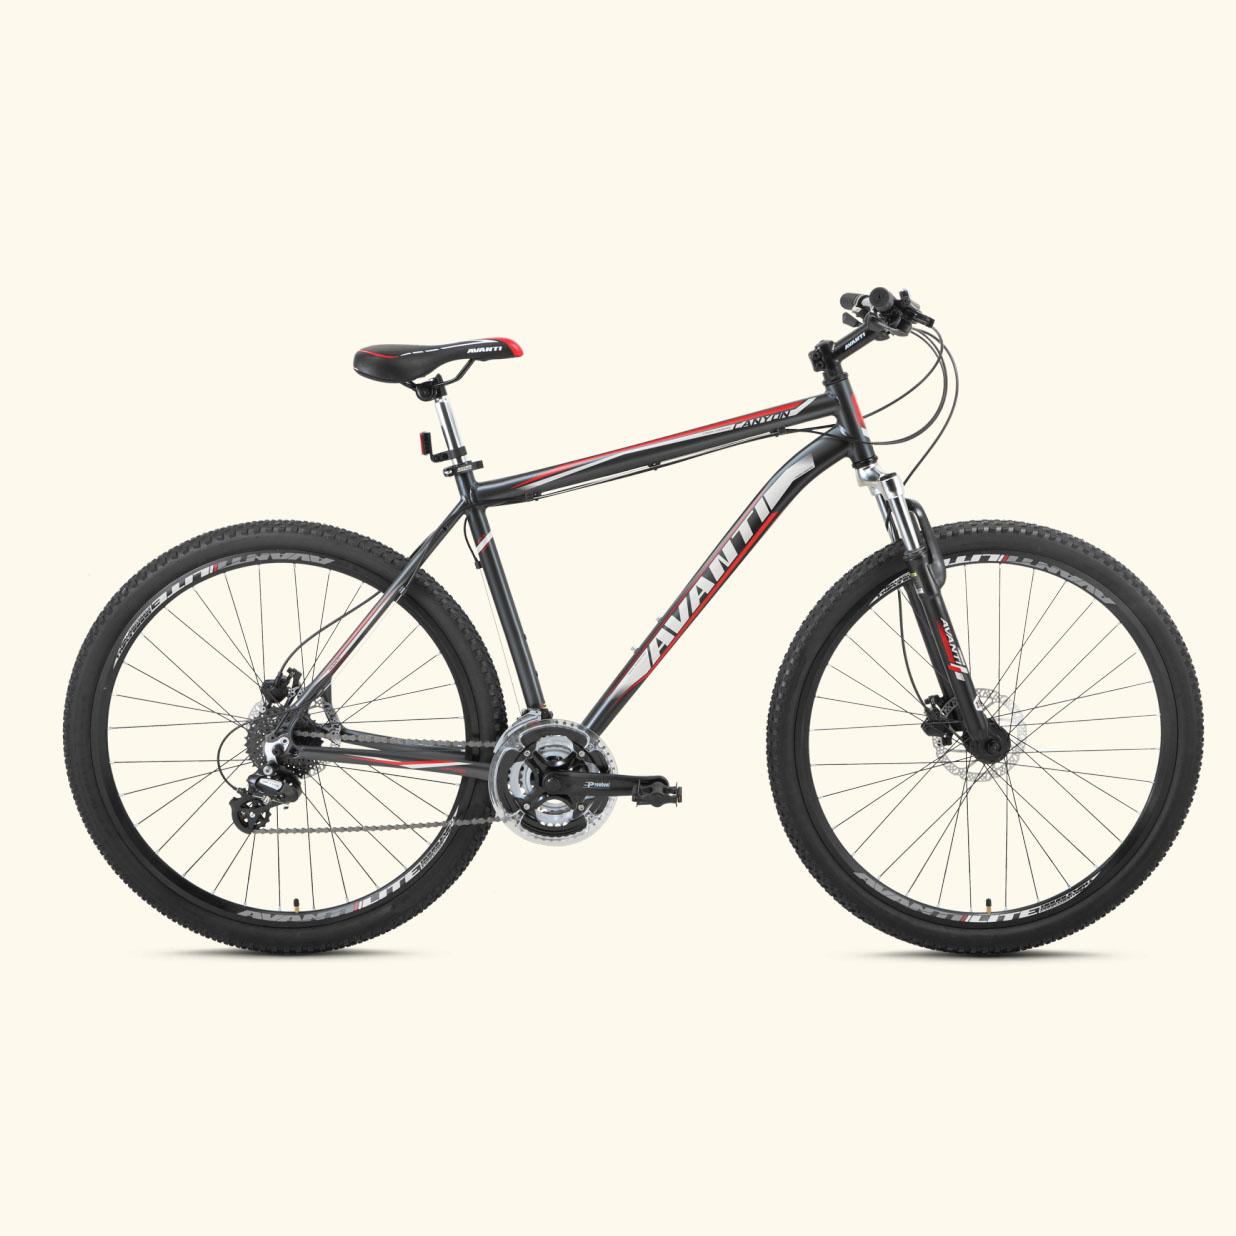 Фото Горный Велосипед   27,5 Avanti Canyon disk 2015 гидравлика черно-красный